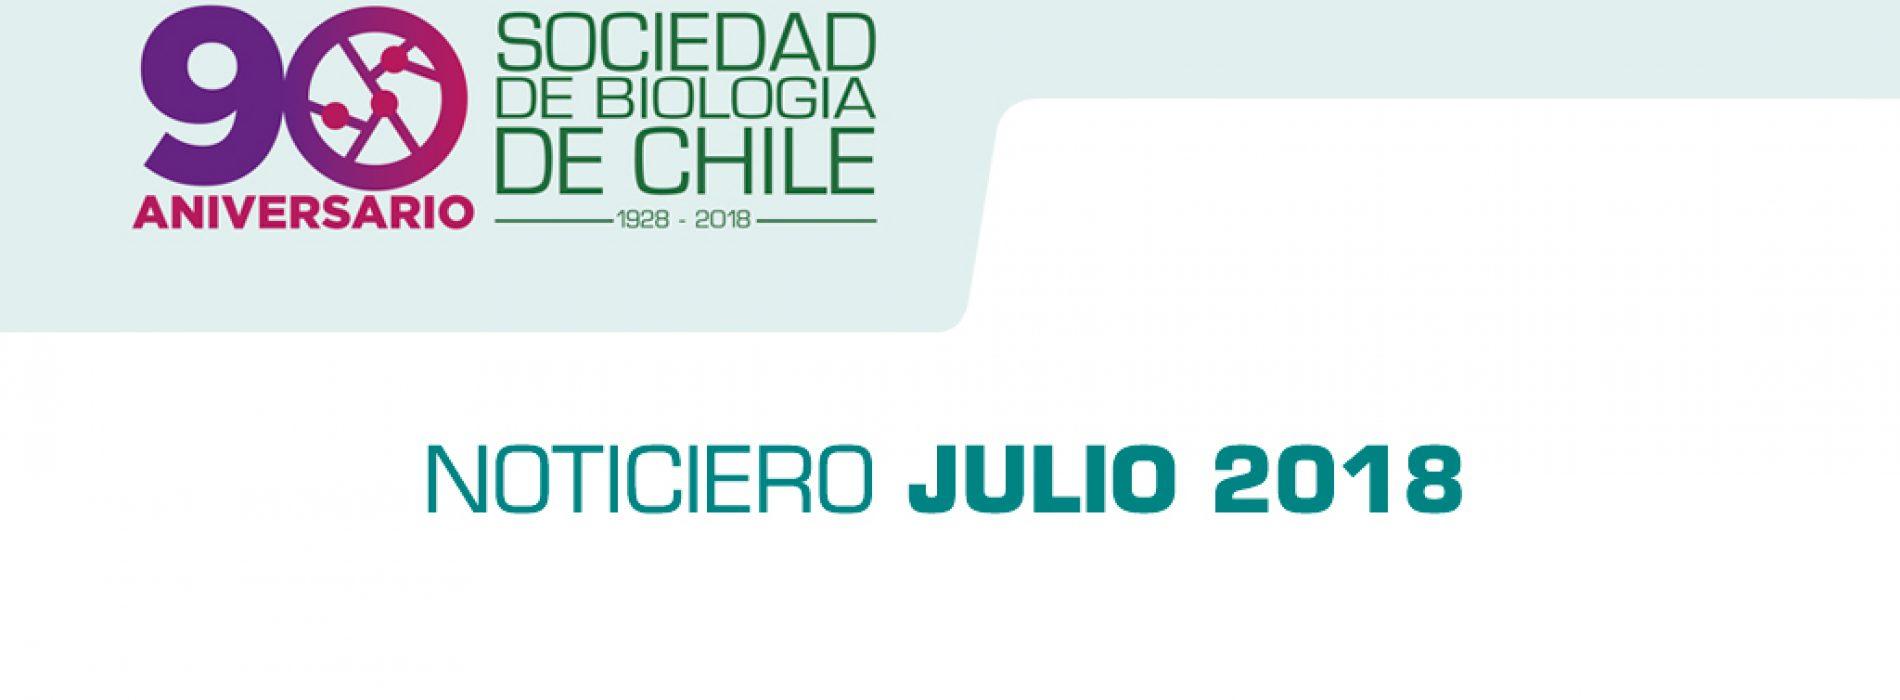 Noticiero Mes de Julio 2018, Sociedad de Biología de Chile